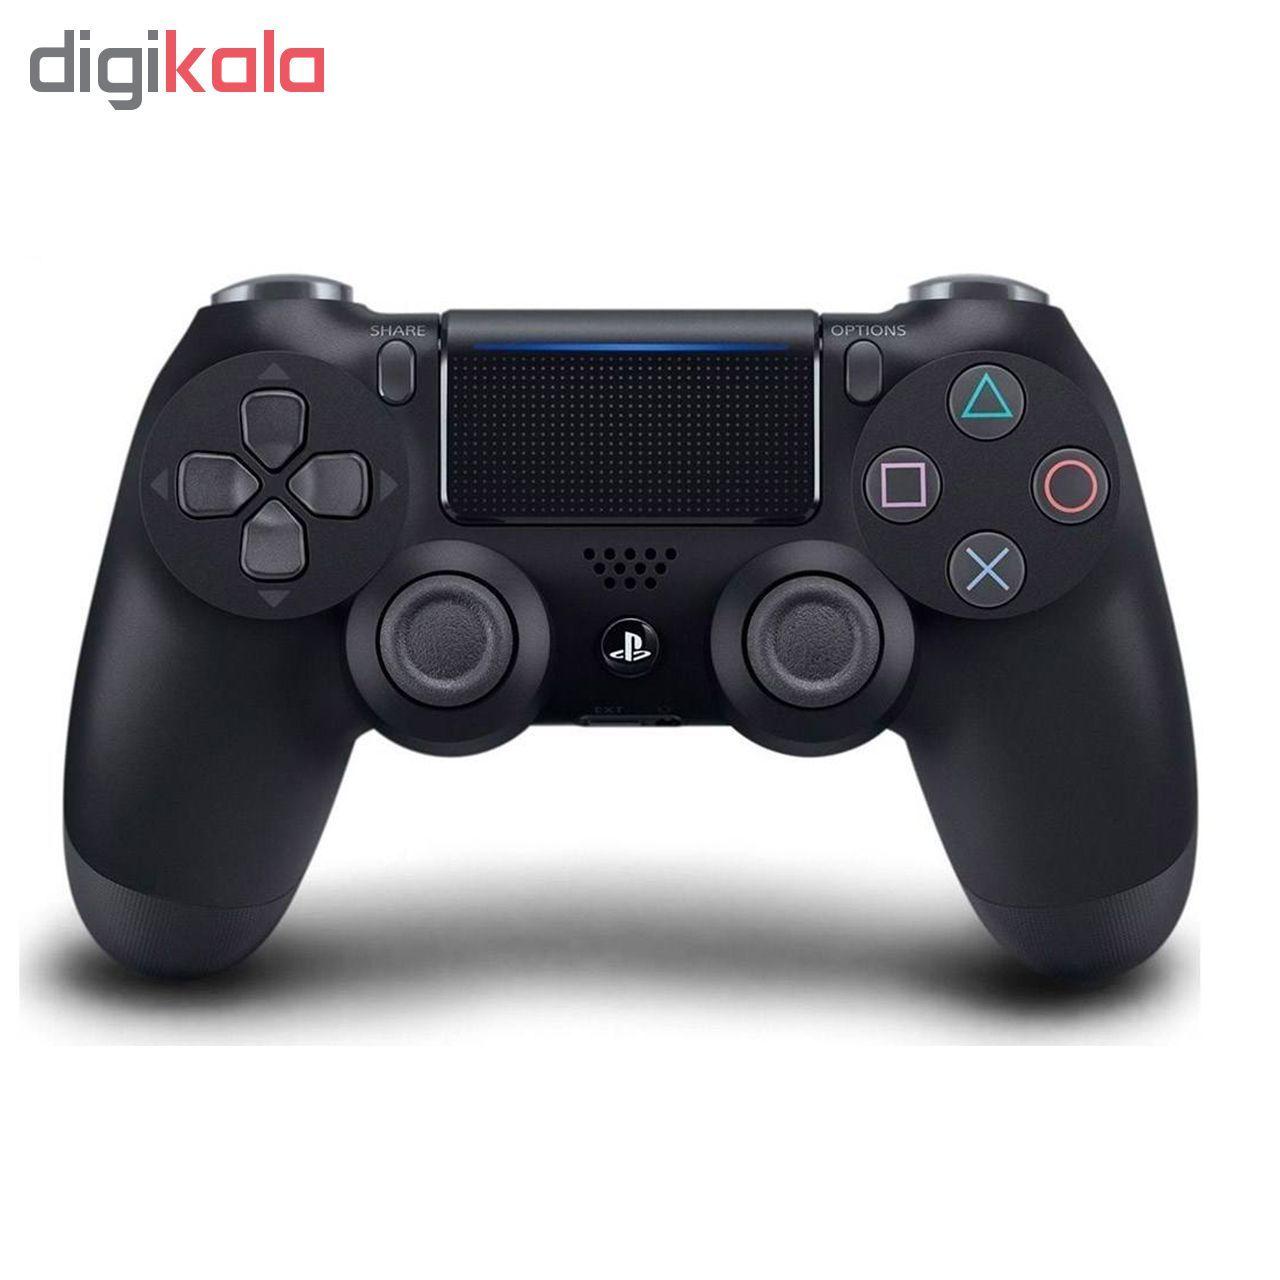 کنسول بازی سونی مدل Playstation 4 Slim کد Region 2 CUH-2216A ظرفیت 500 گیگابایت main 1 6